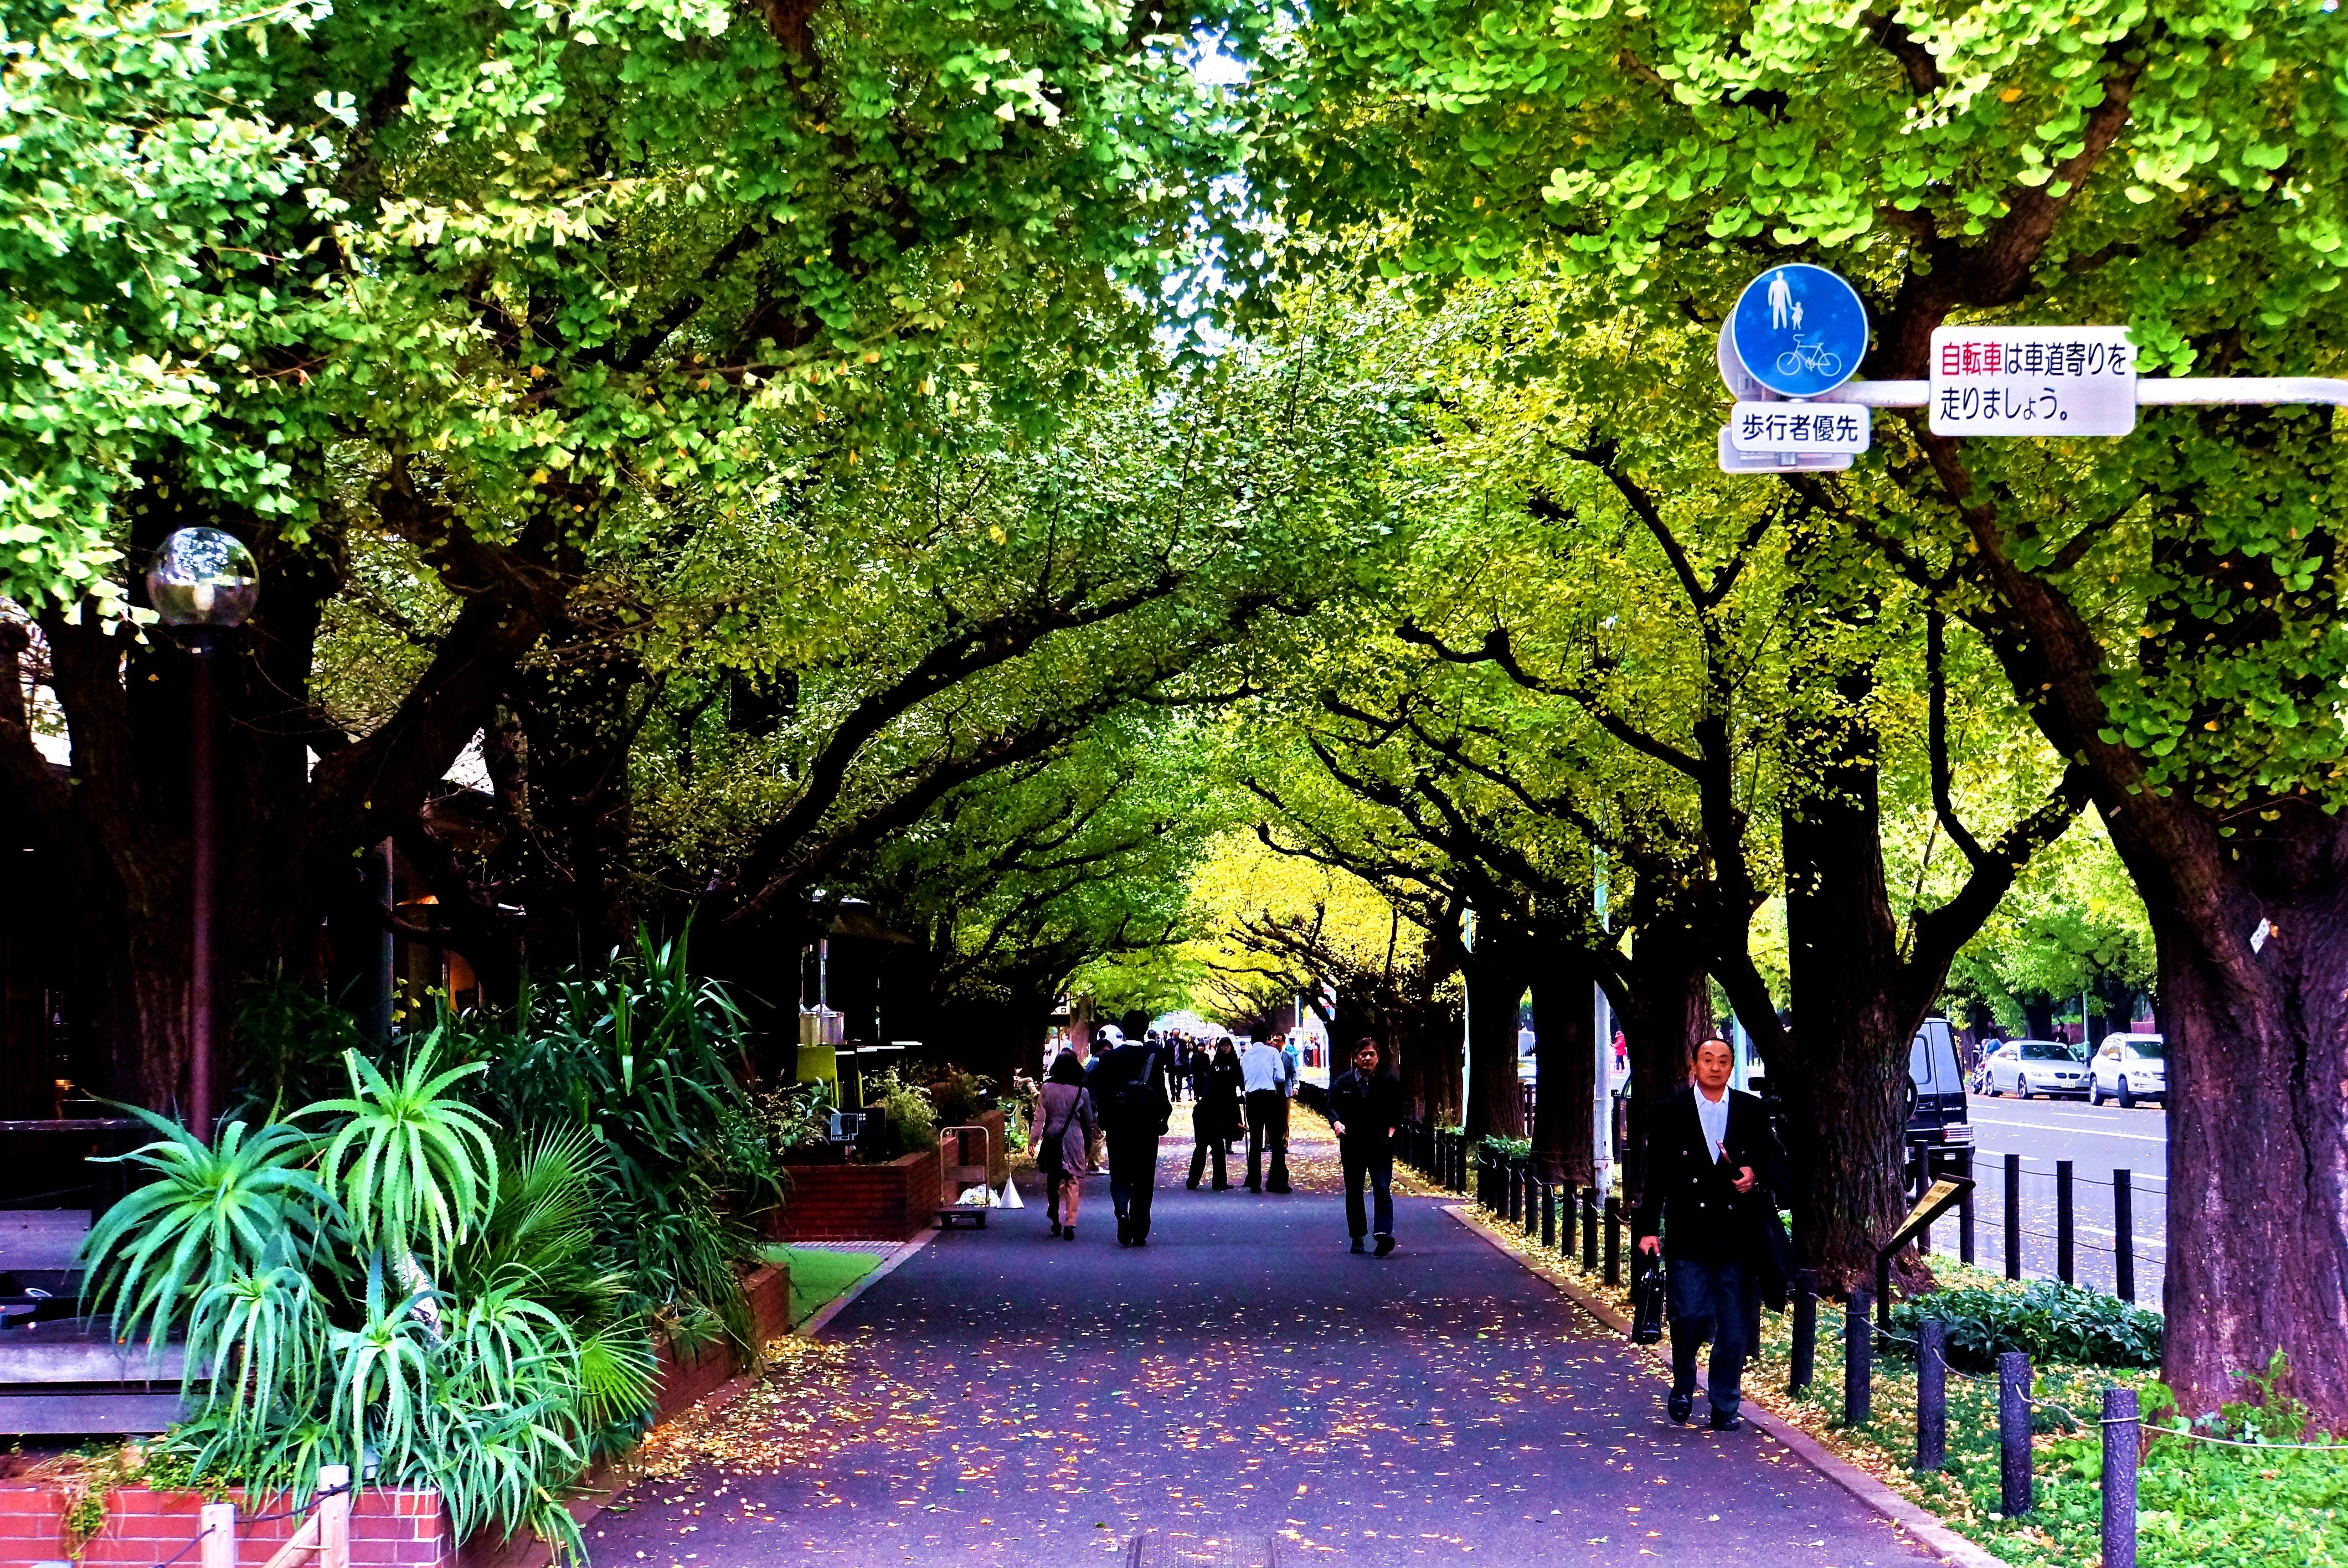 由于道路两边的人行道两侧都种有银杏树